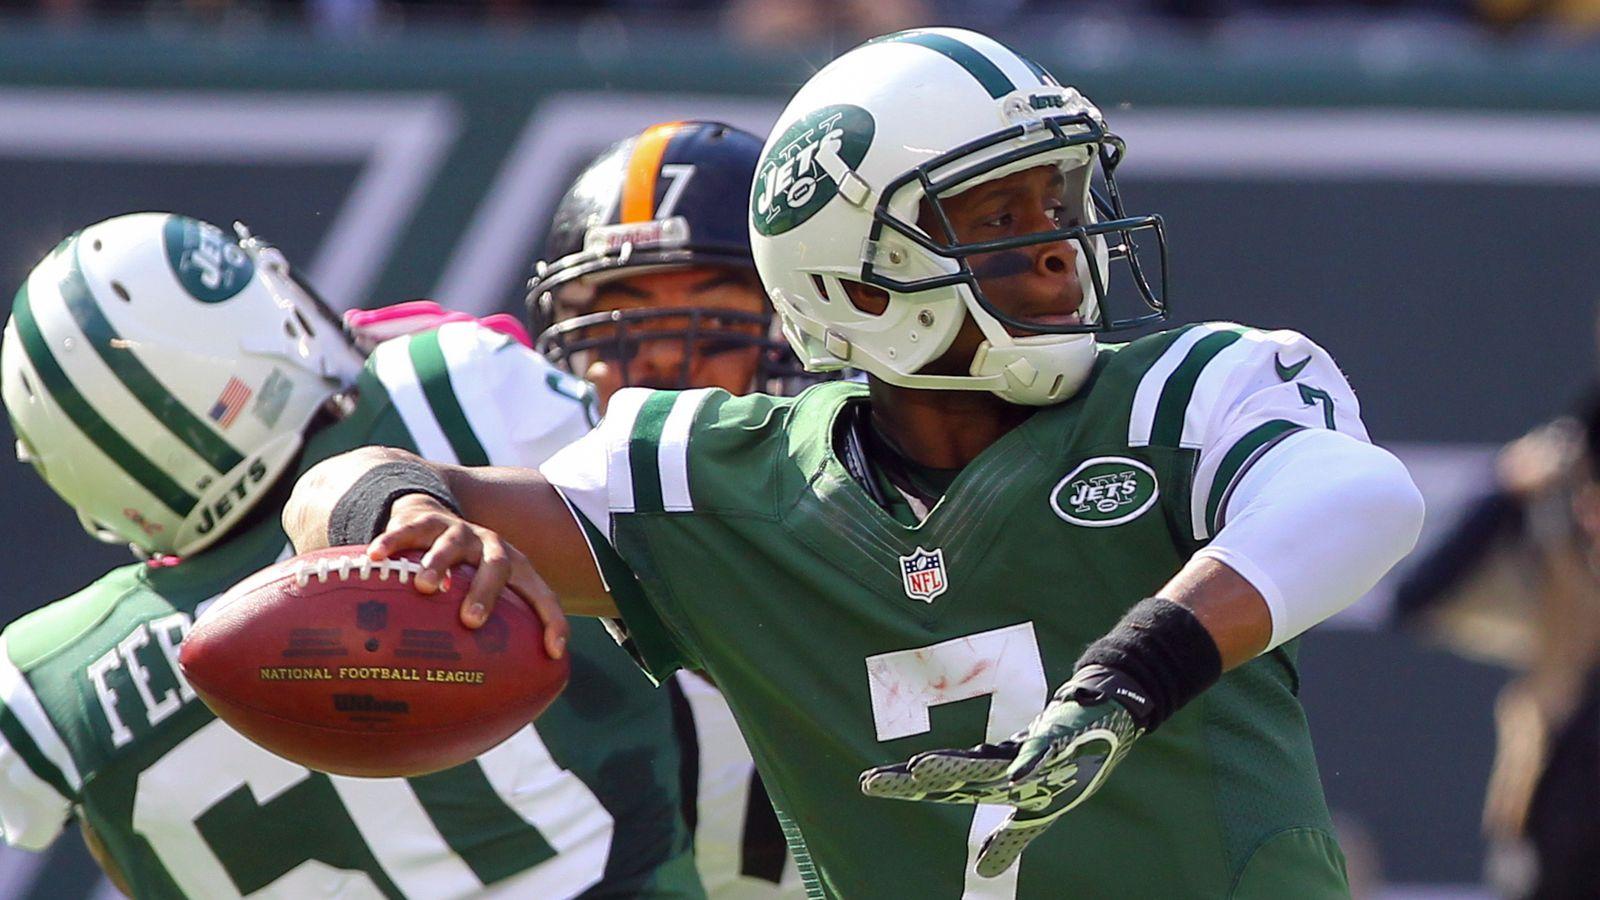 如何观看Patriots vs. Jets 2013在线,电视节目表,电台等